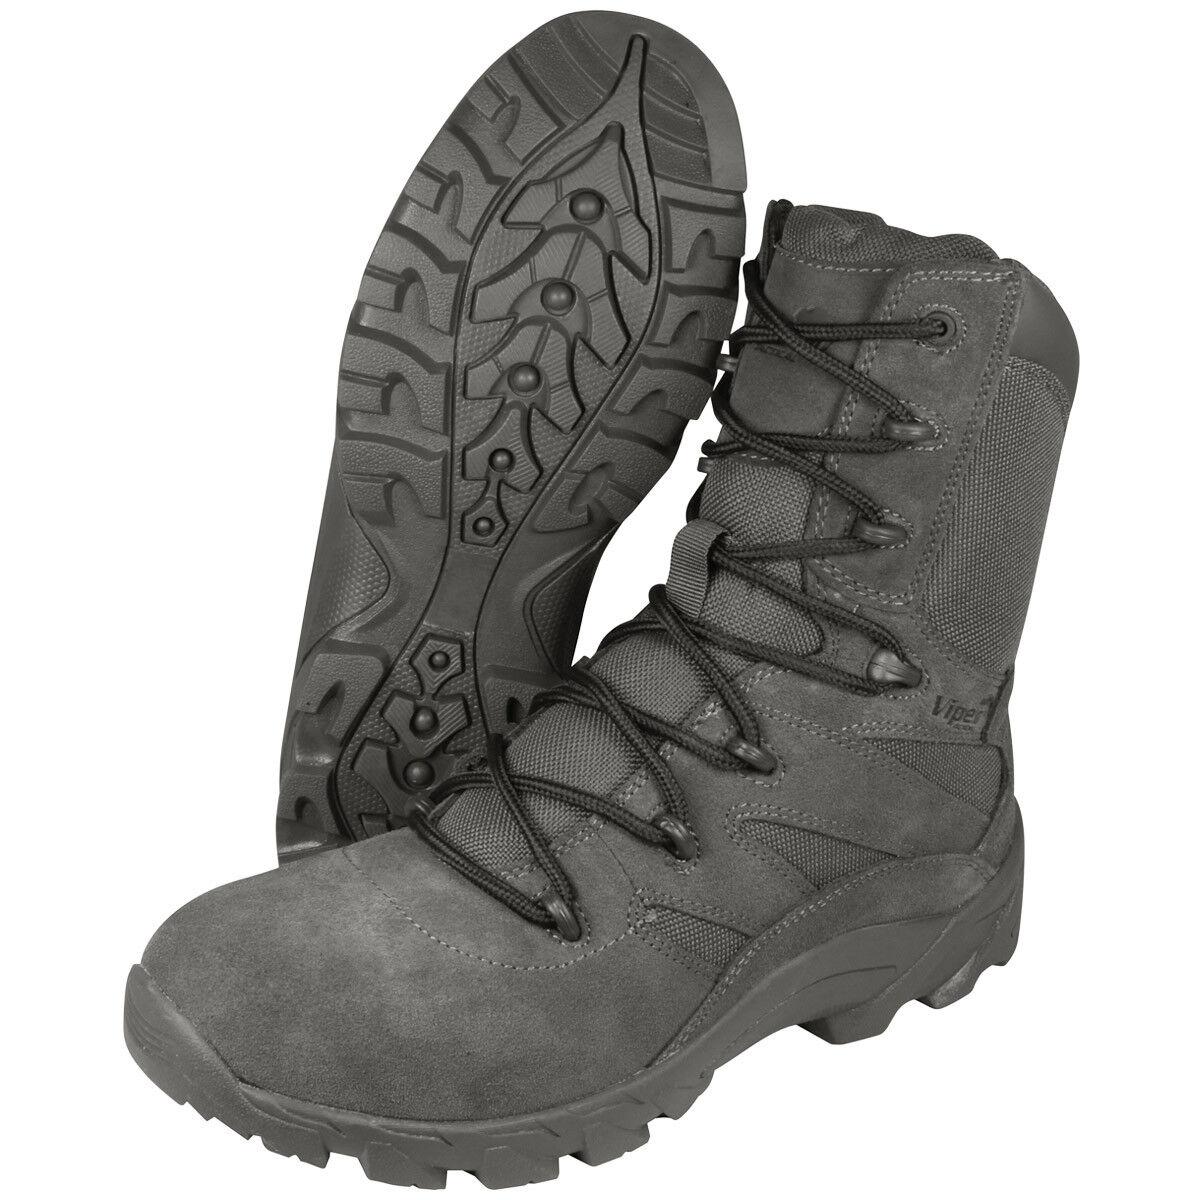 Viper Verdeckt Herren Taktisch Stiefel Armee Militär Schuhwerk Titanium Grau